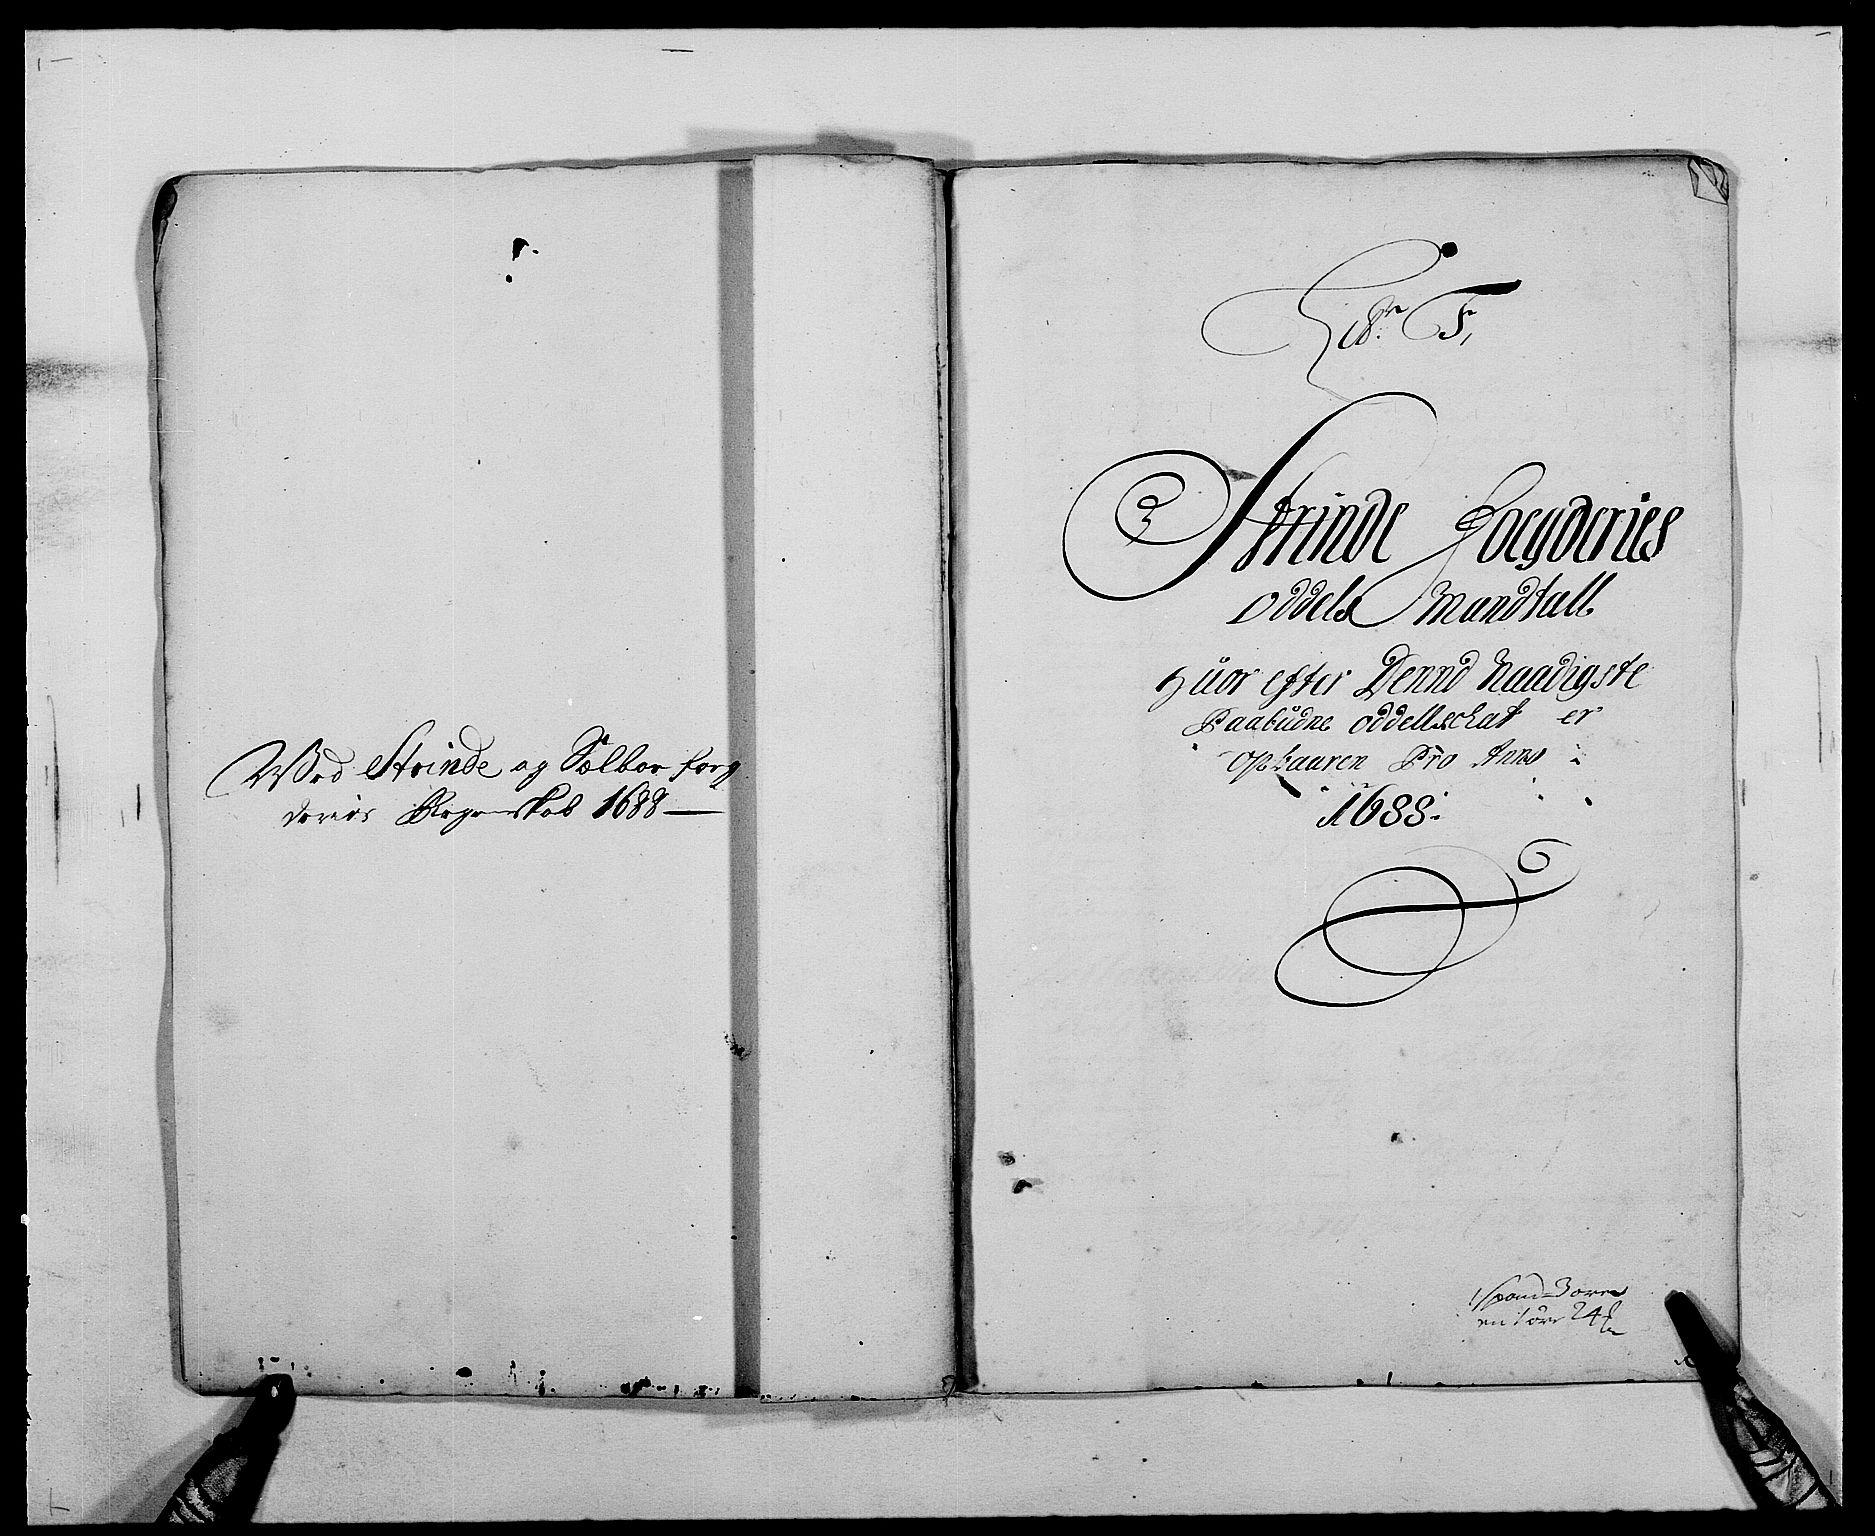 RA, Rentekammeret inntil 1814, Reviderte regnskaper, Fogderegnskap, R61/L4101: Fogderegnskap Strinda og Selbu, 1687-1688, s. 185